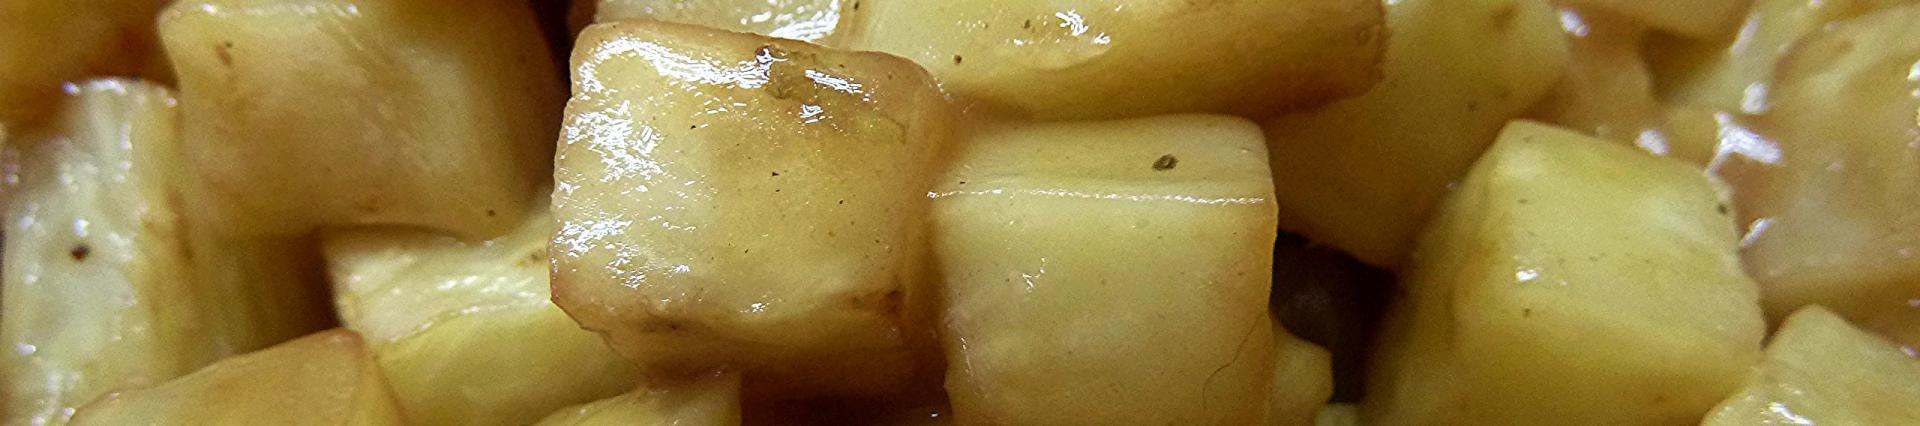 Celeri rave roti